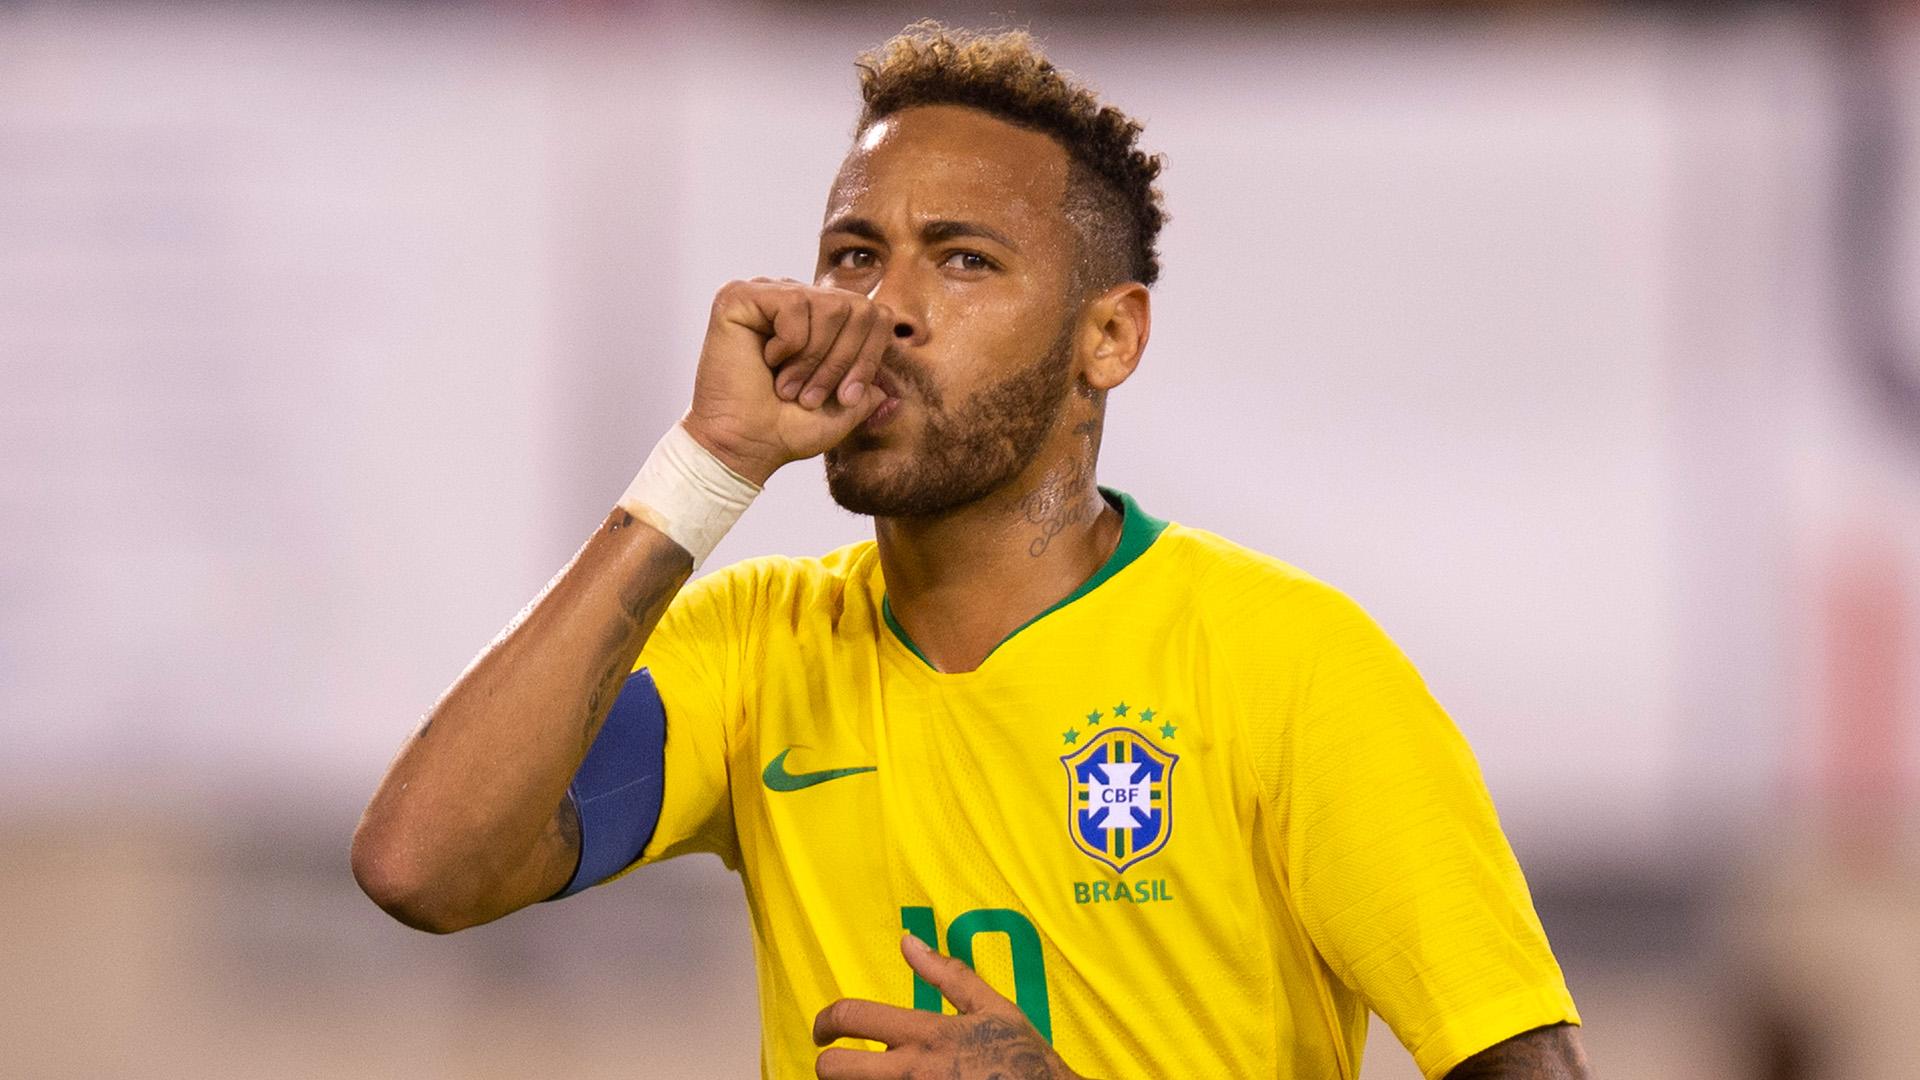 Wie Groß Ist Neymar